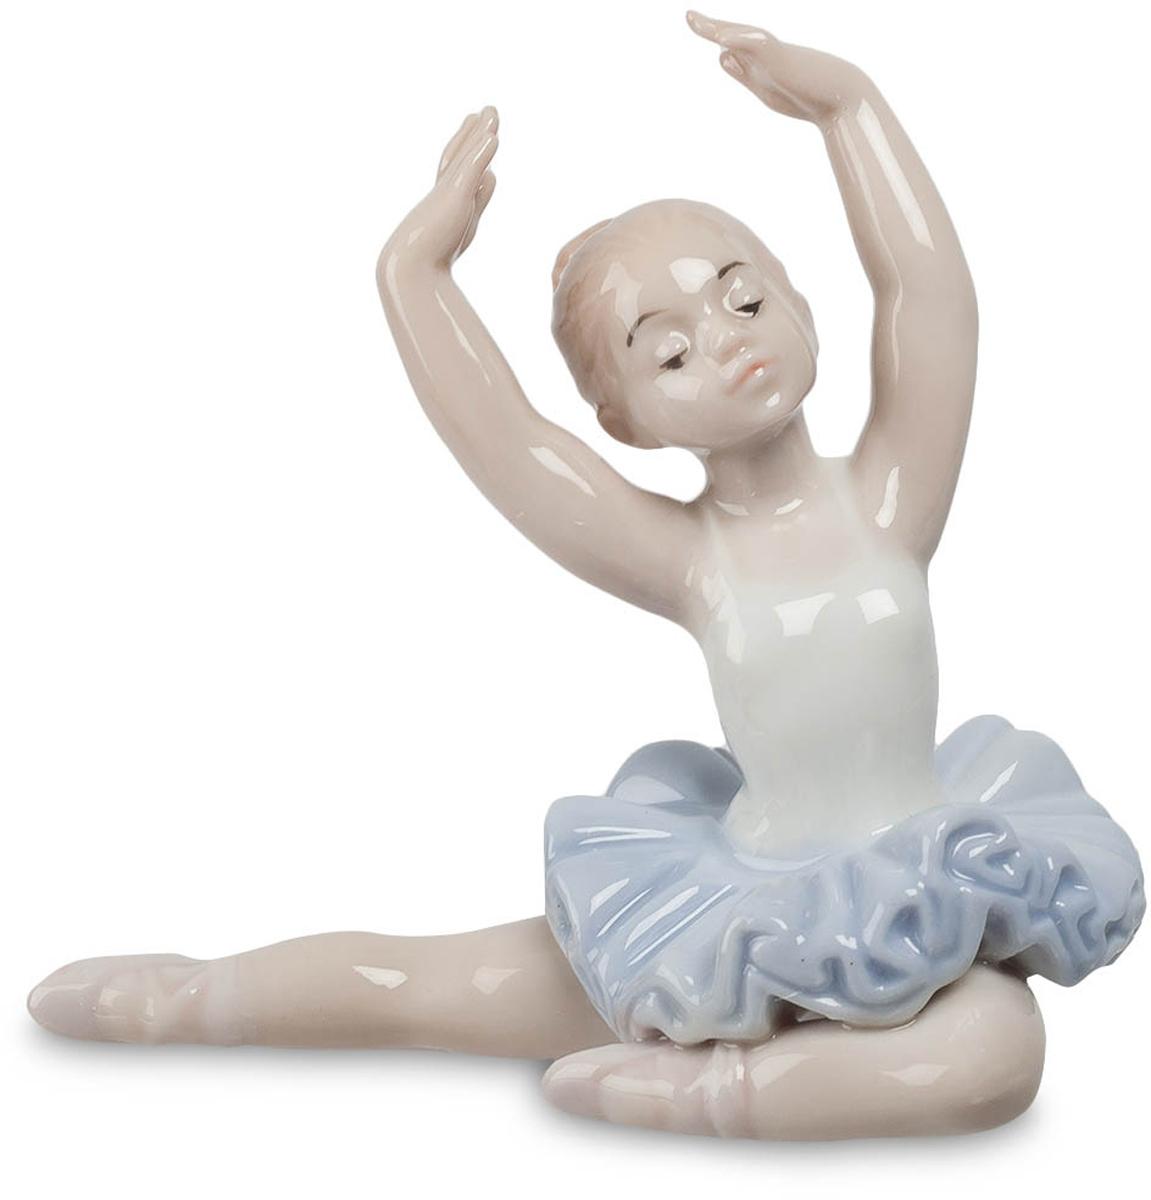 Фигурка Pavone Юная балерина. JP-27/40THN132NФигурка Балерины высотой 9 см.Я танцую - потому что я счастлива. Я танцую - потому что свободна.Маленькая девочка, явно ученица младших классов, всерьез занимается балетом и уже выступает на сцене. В танце она опустилась на пол и вытянула носочки ног в одну сторону, движения рук – плавные и нежные. Юная артистка буквально живет танцем – лицо ее серьезно, глаза скромно прикрыты. Девочка очень старается, пластичная легкость движений еще впереди, она дается годами тяжелых тренировок, но первые шаги на этом непростом пути уже сделаны, причем вполне успешные. Подарить такую фигурку можно вот такой же начинающей балерине, пожелать ей успехов в этом непростом искусстве. Она долго будет помнить, с каких именно первых шагов она начинала свой путь к вершинам мастерства.